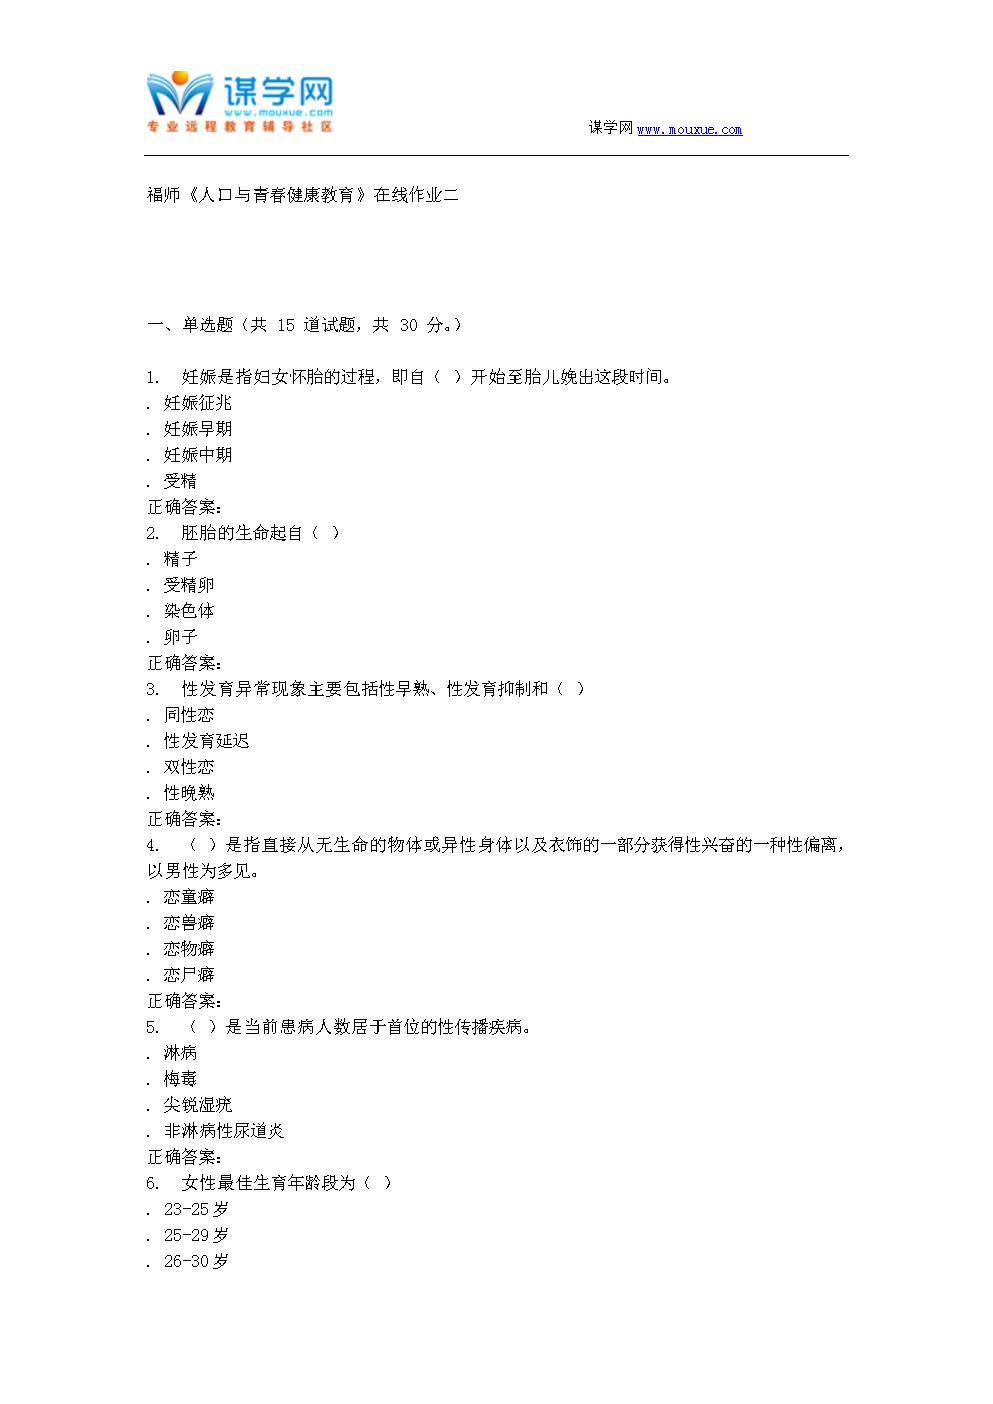 15秋福师 人口与青春健康教育 在线作业二答案资料.doc